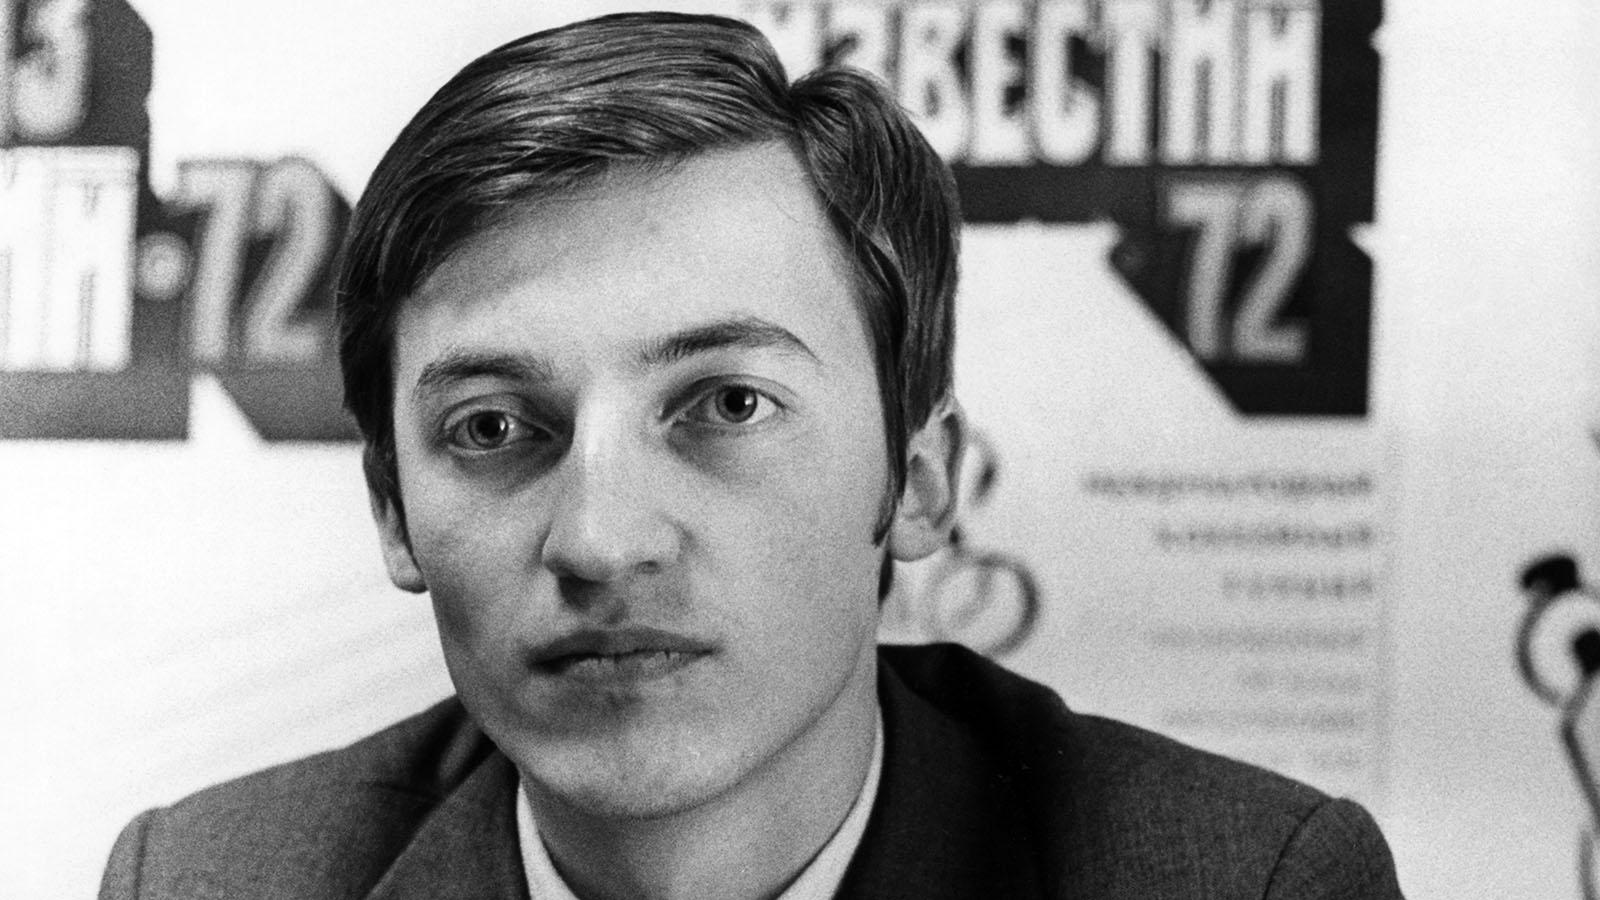 В 1978 году в Багио (Филиппины) за шахматную корону сражались Анатолий Карпов и Виктор Корчной. После долгой и упорной борьбы матч века, как его тогда называли, завершился победой Анатолия Карпова. Страна вздохнула с облегчением… 27 июля 1976 года чемпион СССР Виктор Корчной, находясь на соревнованиях в Амстердаме, попросил политического убежища. Свой шаг он объяснял простым желанием свободно играть в шахматы, не подчиняясь законам и регламентам авторитарного государства.  Но шахматисту предоставили только вид на жительство. Гражданство он получит через 10 лет.